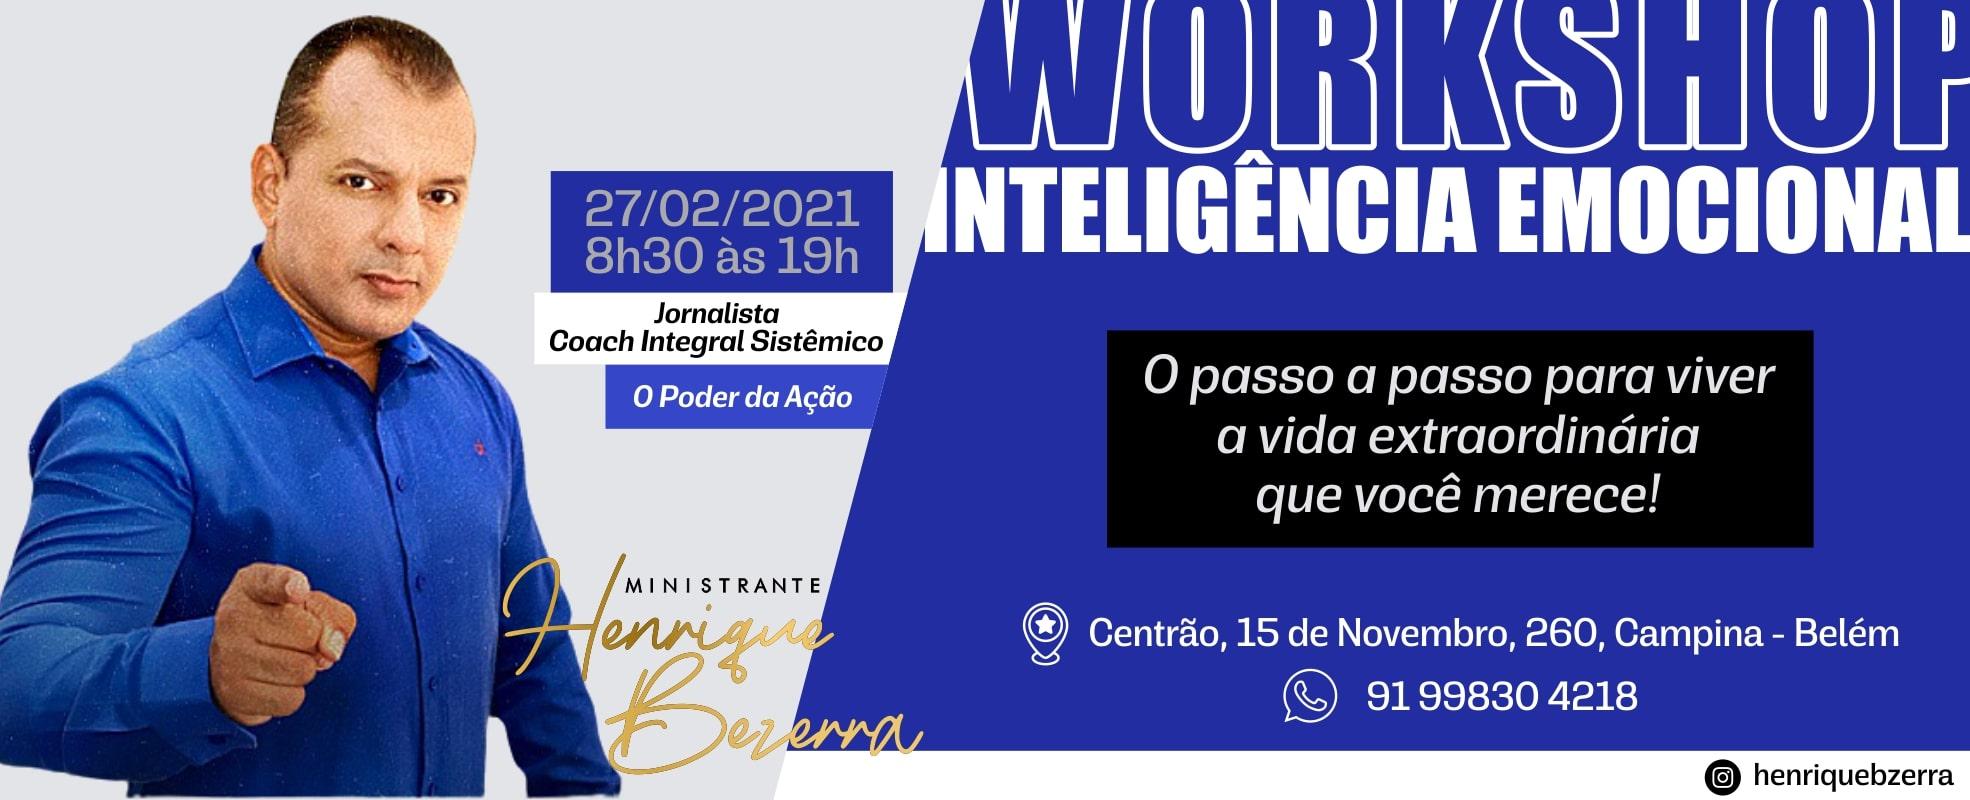 workshop inteligencia emocional